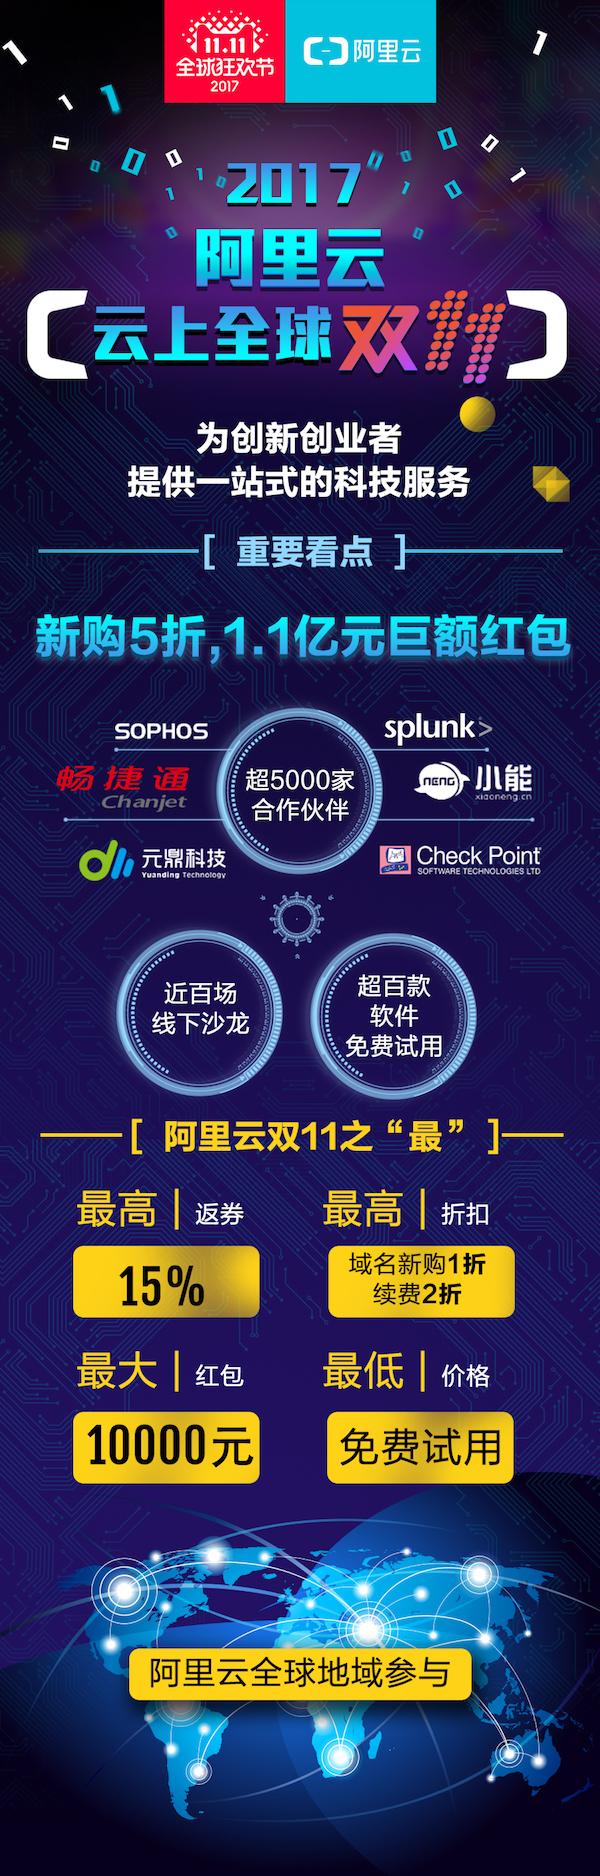 """阿里云联合5000家生态伙伴启动云上全球双11  科技行业全链路""""狂欢节"""""""